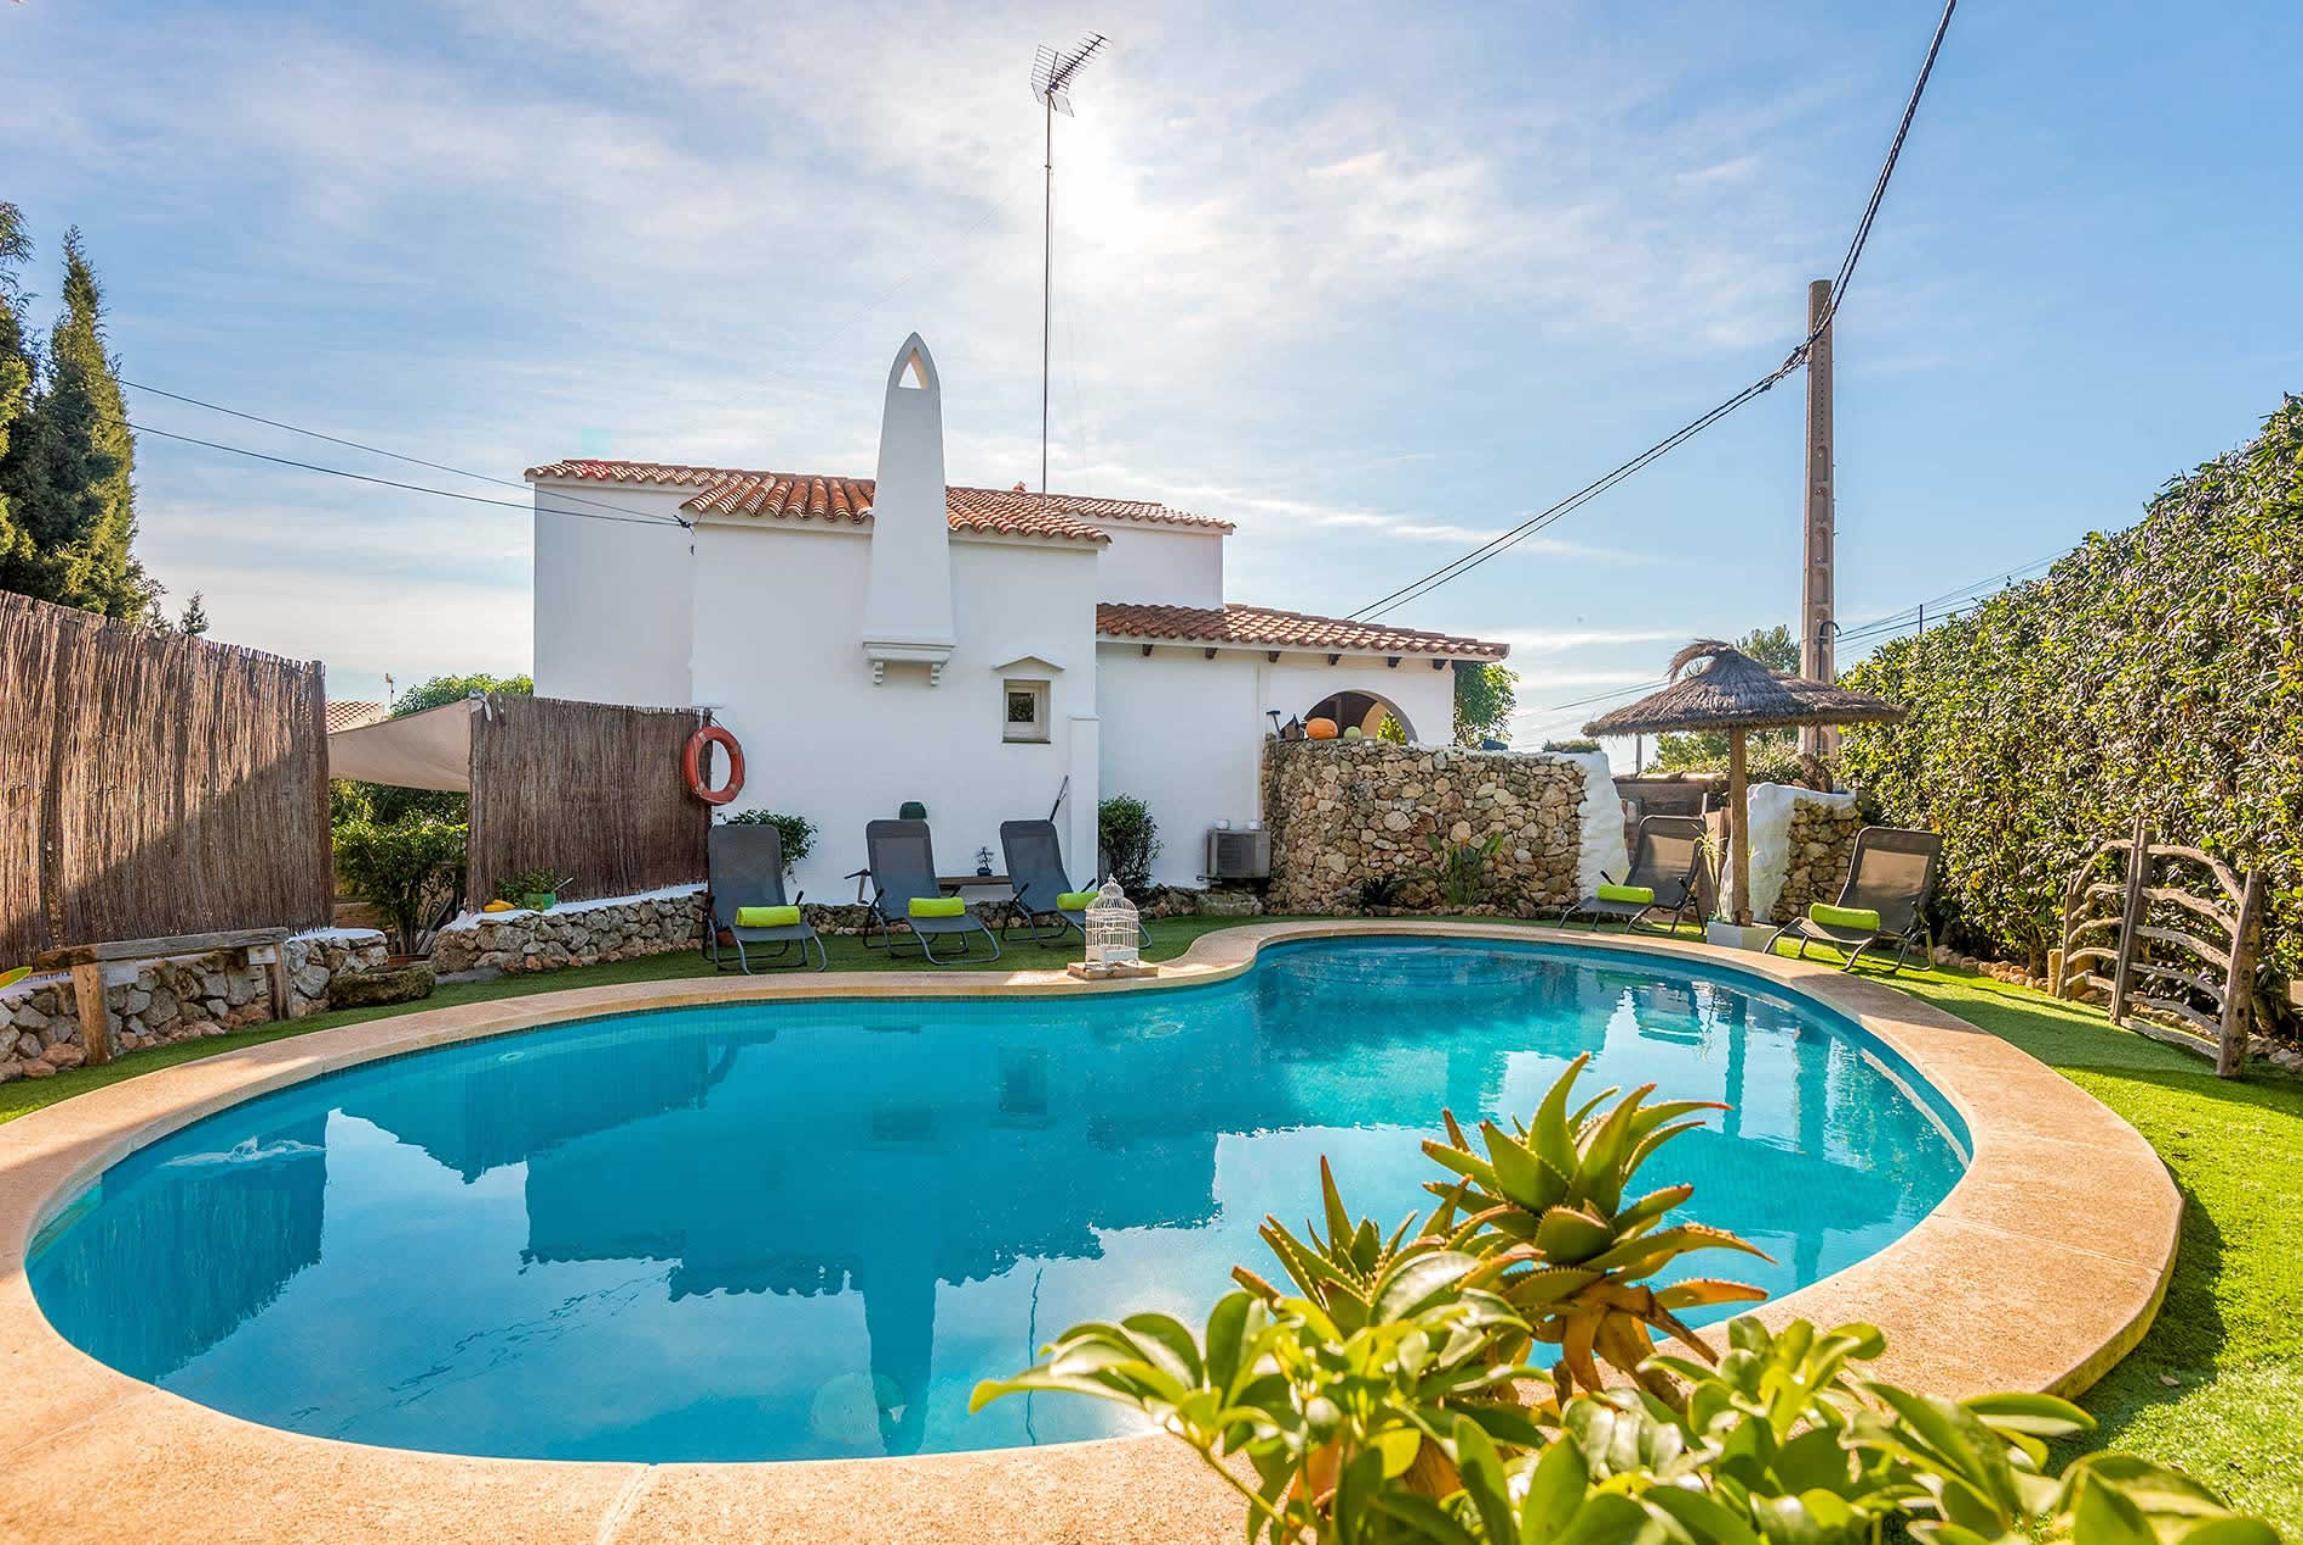 Ferienhaus Casa Luis (2653617), Punta Prima, Menorca, Balearische Inseln, Spanien, Bild 2